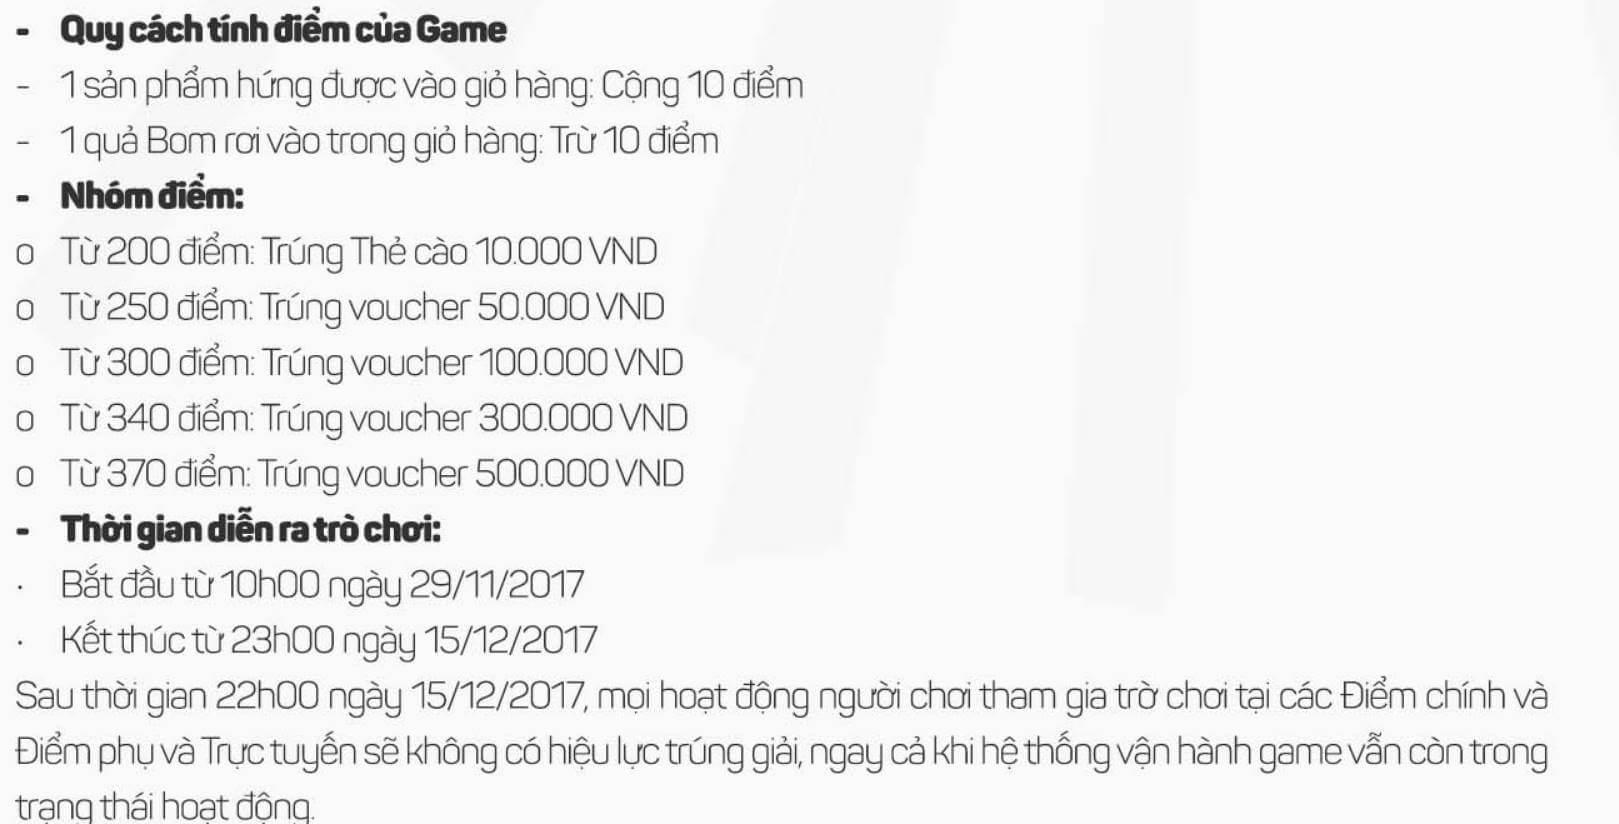 s - Cách nhận 10.000đ card điện thoại từ game Bigbang